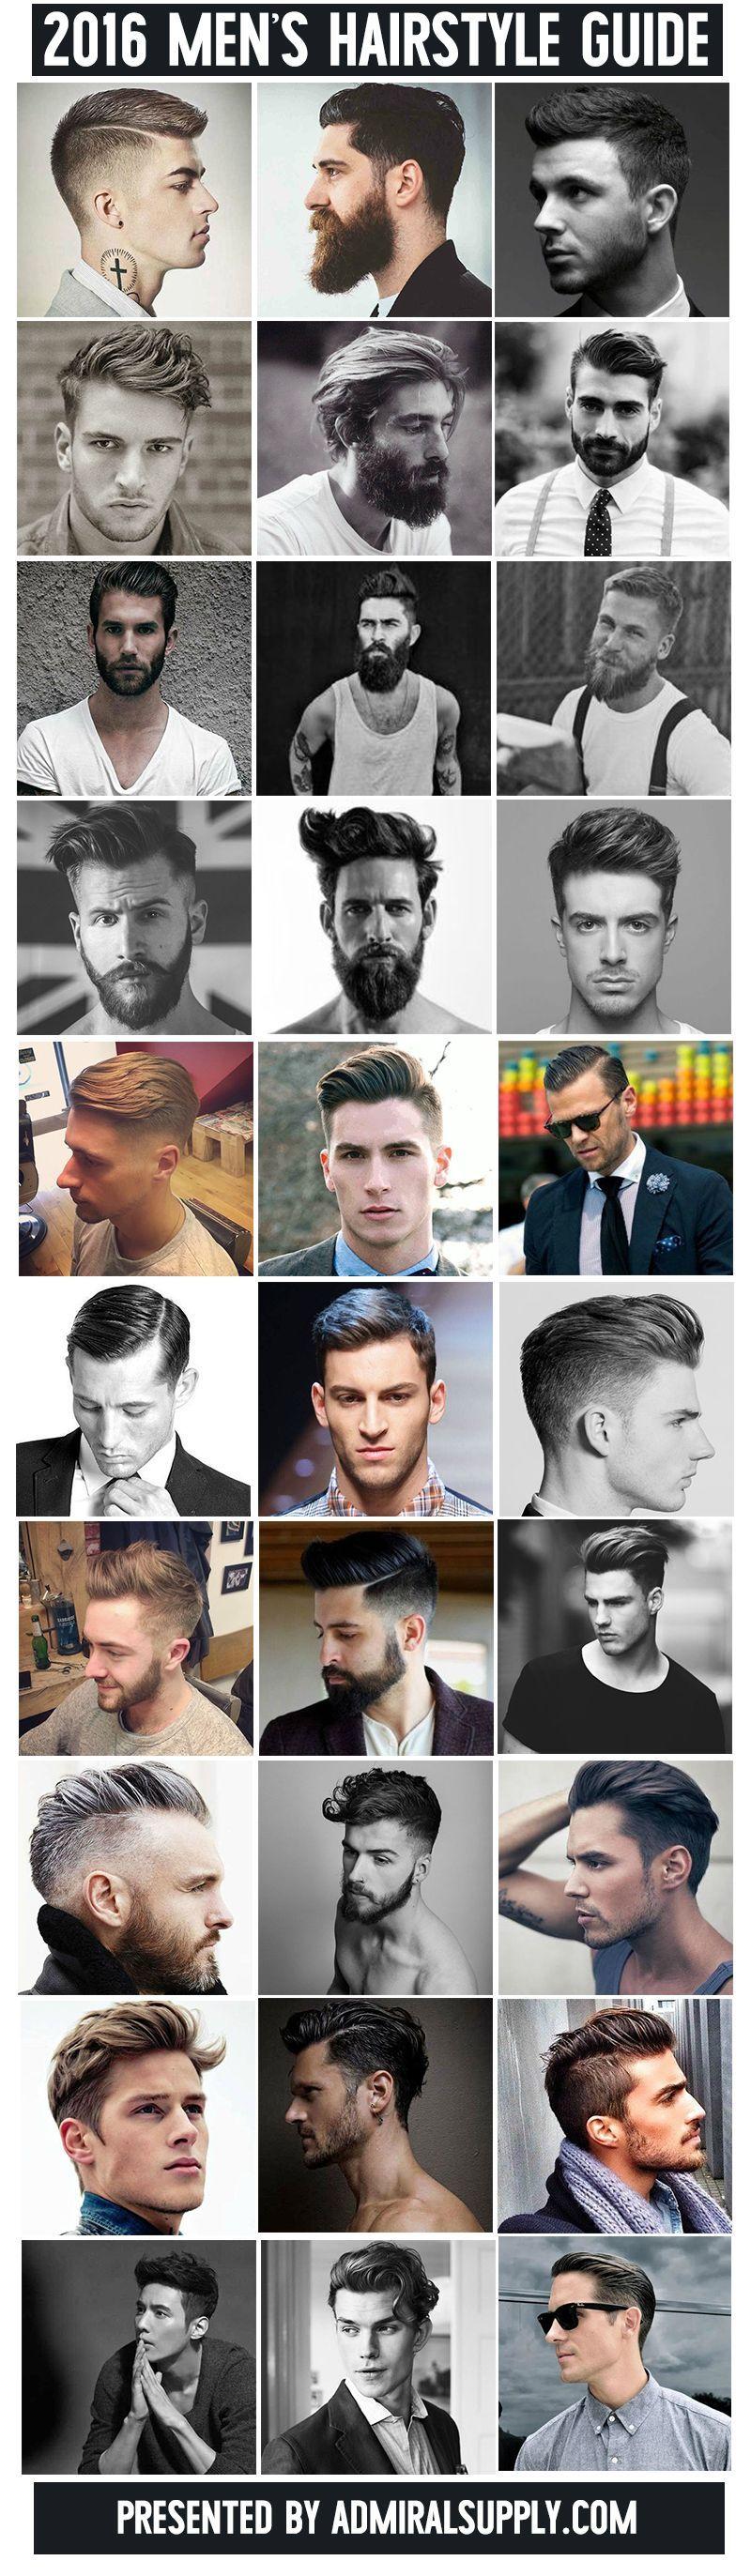 Pin by gavin jornigan on feature style pinterest cabello estilo